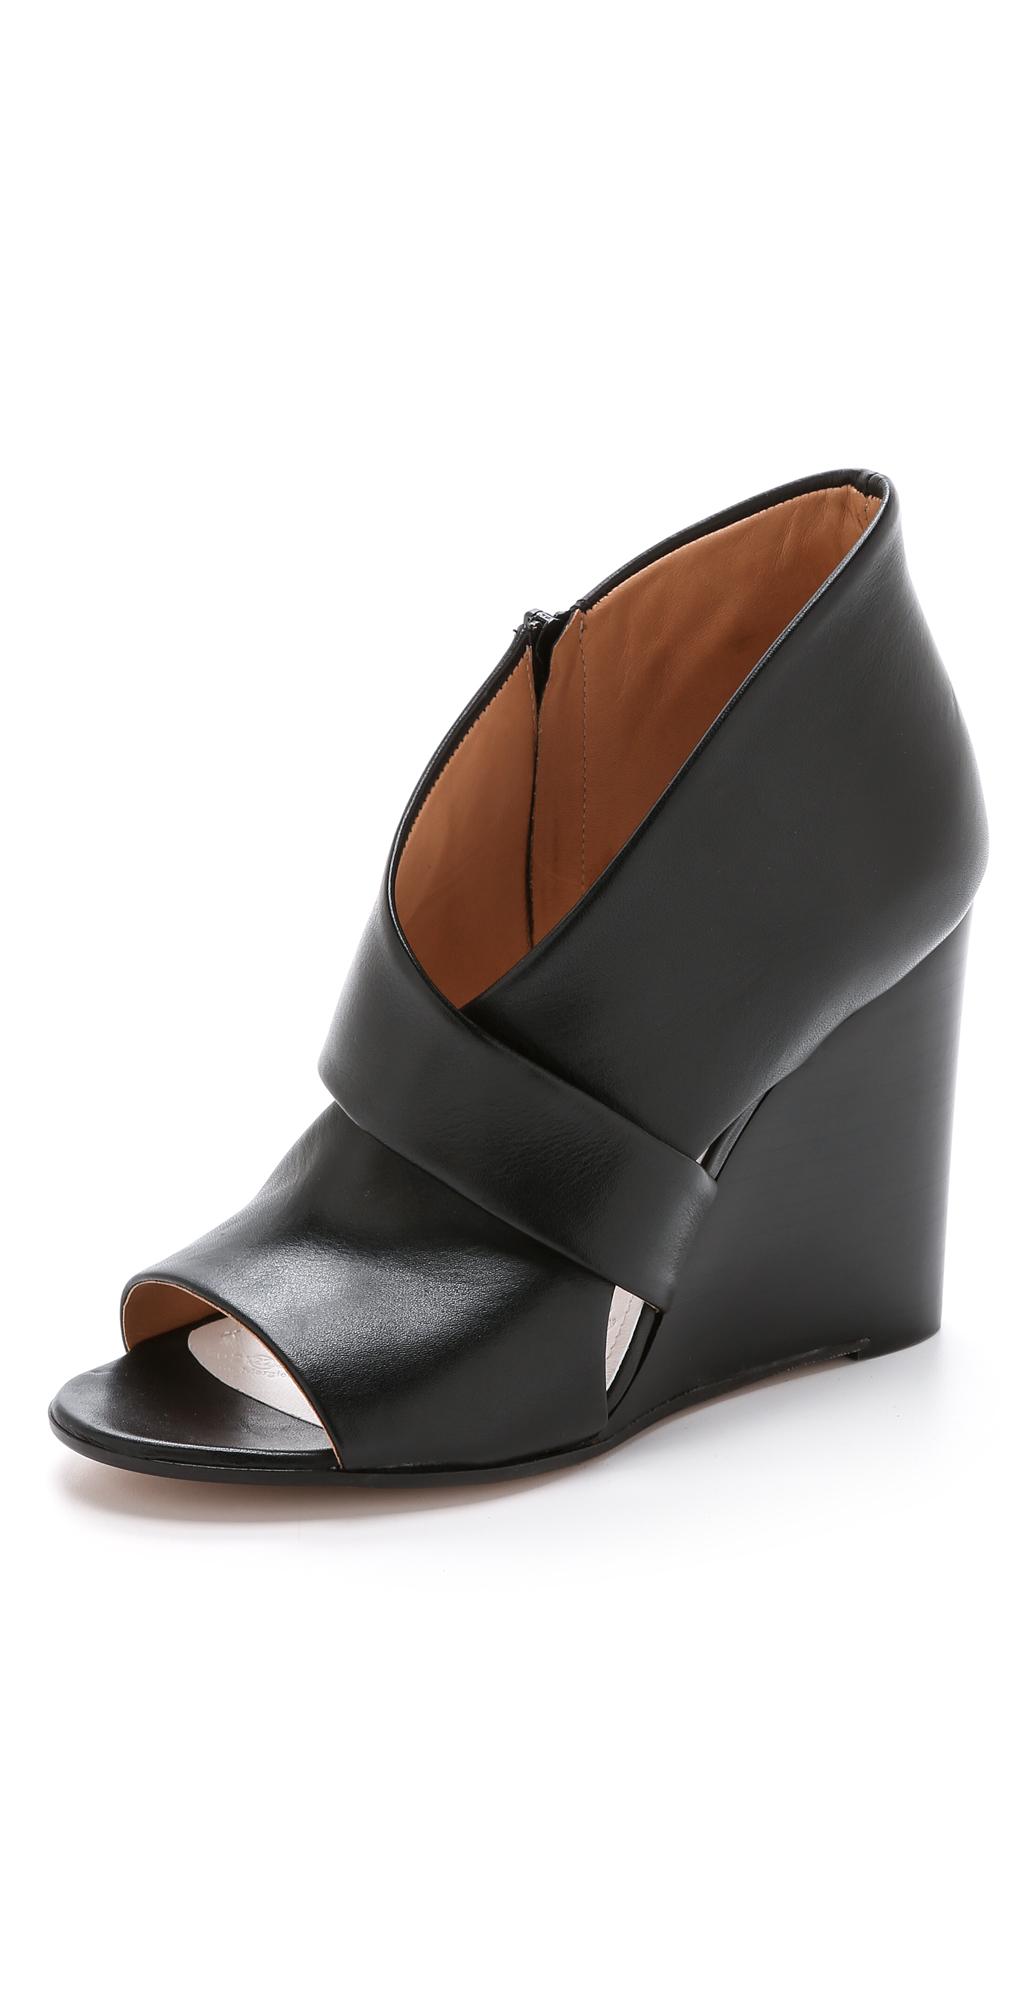 Maison Margiela Leather Wedges | SHOPBOP